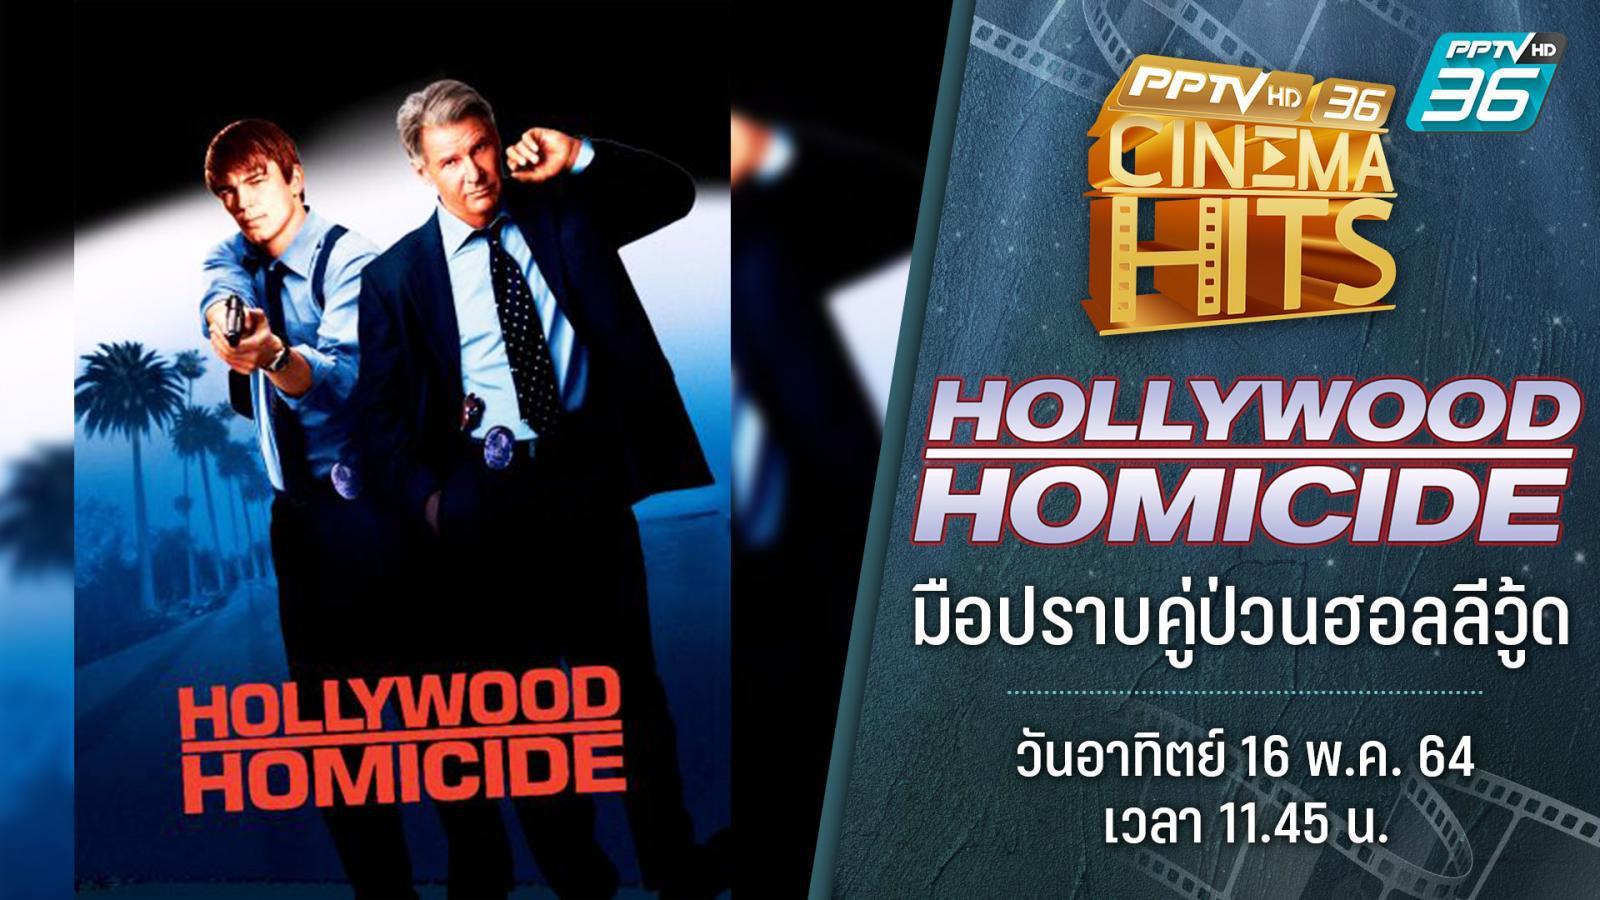 Hollywood Homicide มือปราบคู่ป่วนฮอลลีวู้ด